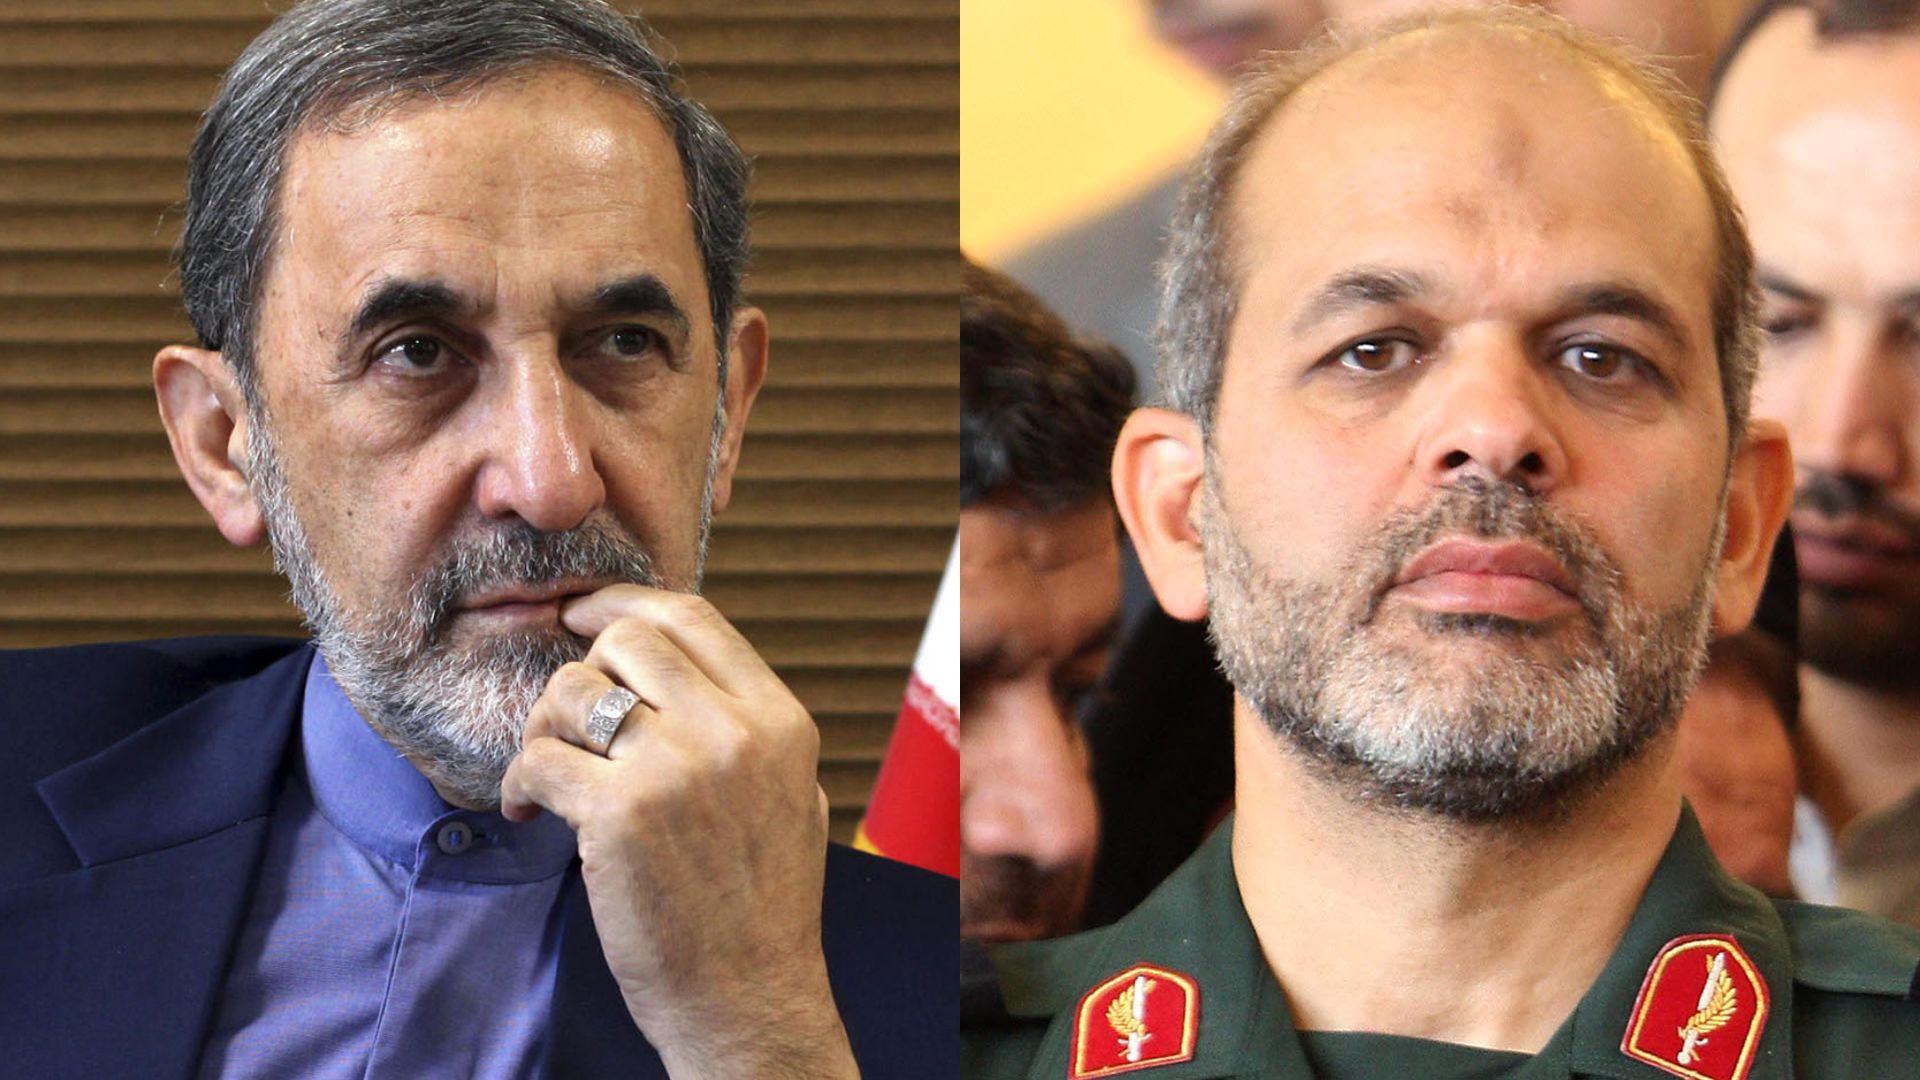 Ali Akbar Velayati y Ahmad Vahidi estan acusados por la justicia por ser los cerebros del atentado terrorista a la AMIA y en más de una oportunidad salieron al exterior sin ser capturados